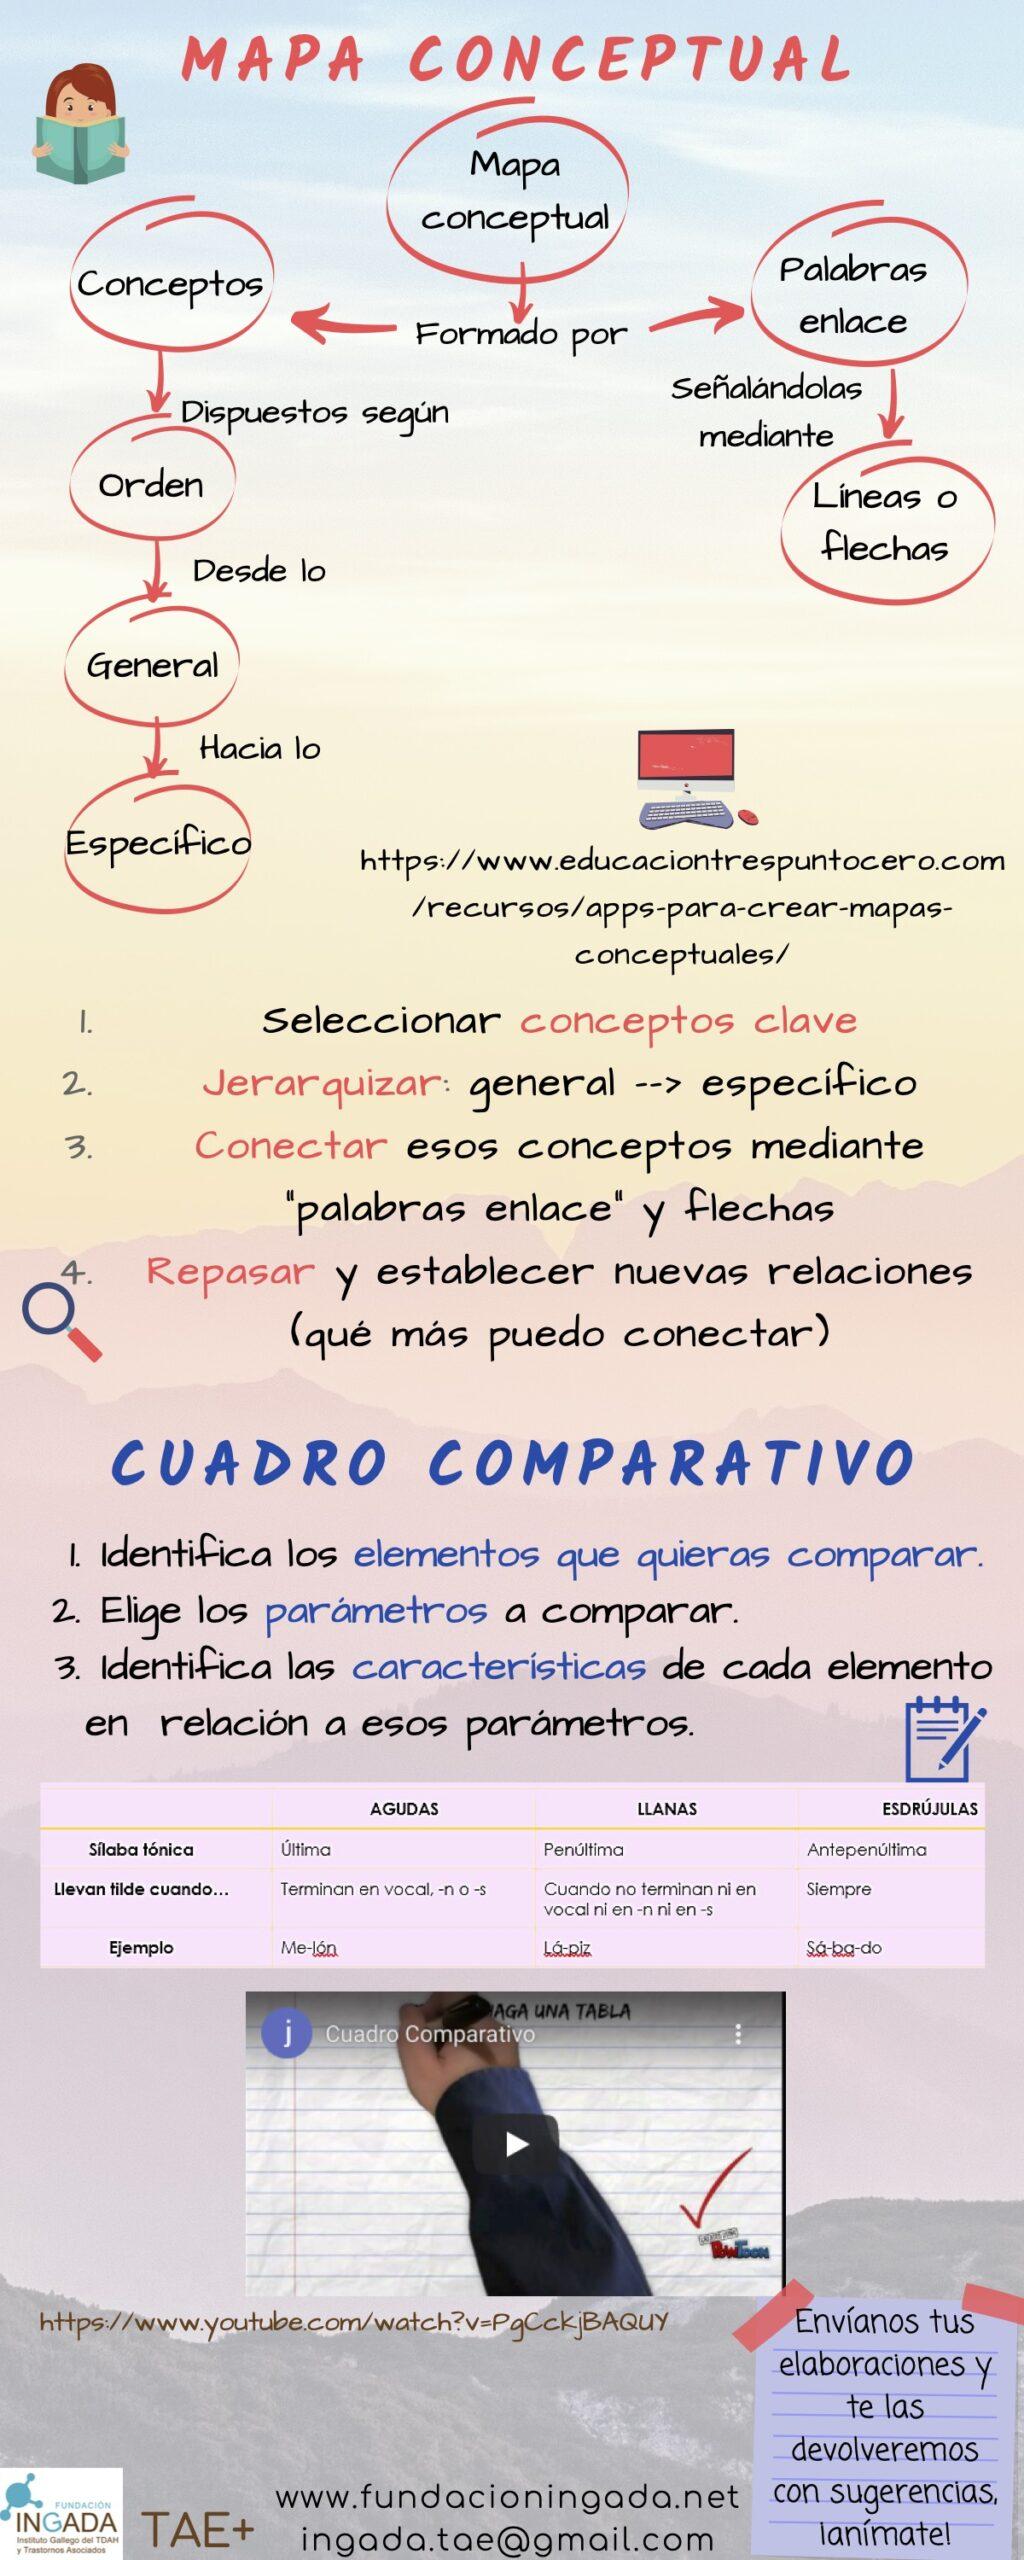 9-13-46-3.admin_.6B_-_Mapa_conceptual_y_cuadro_comparativo